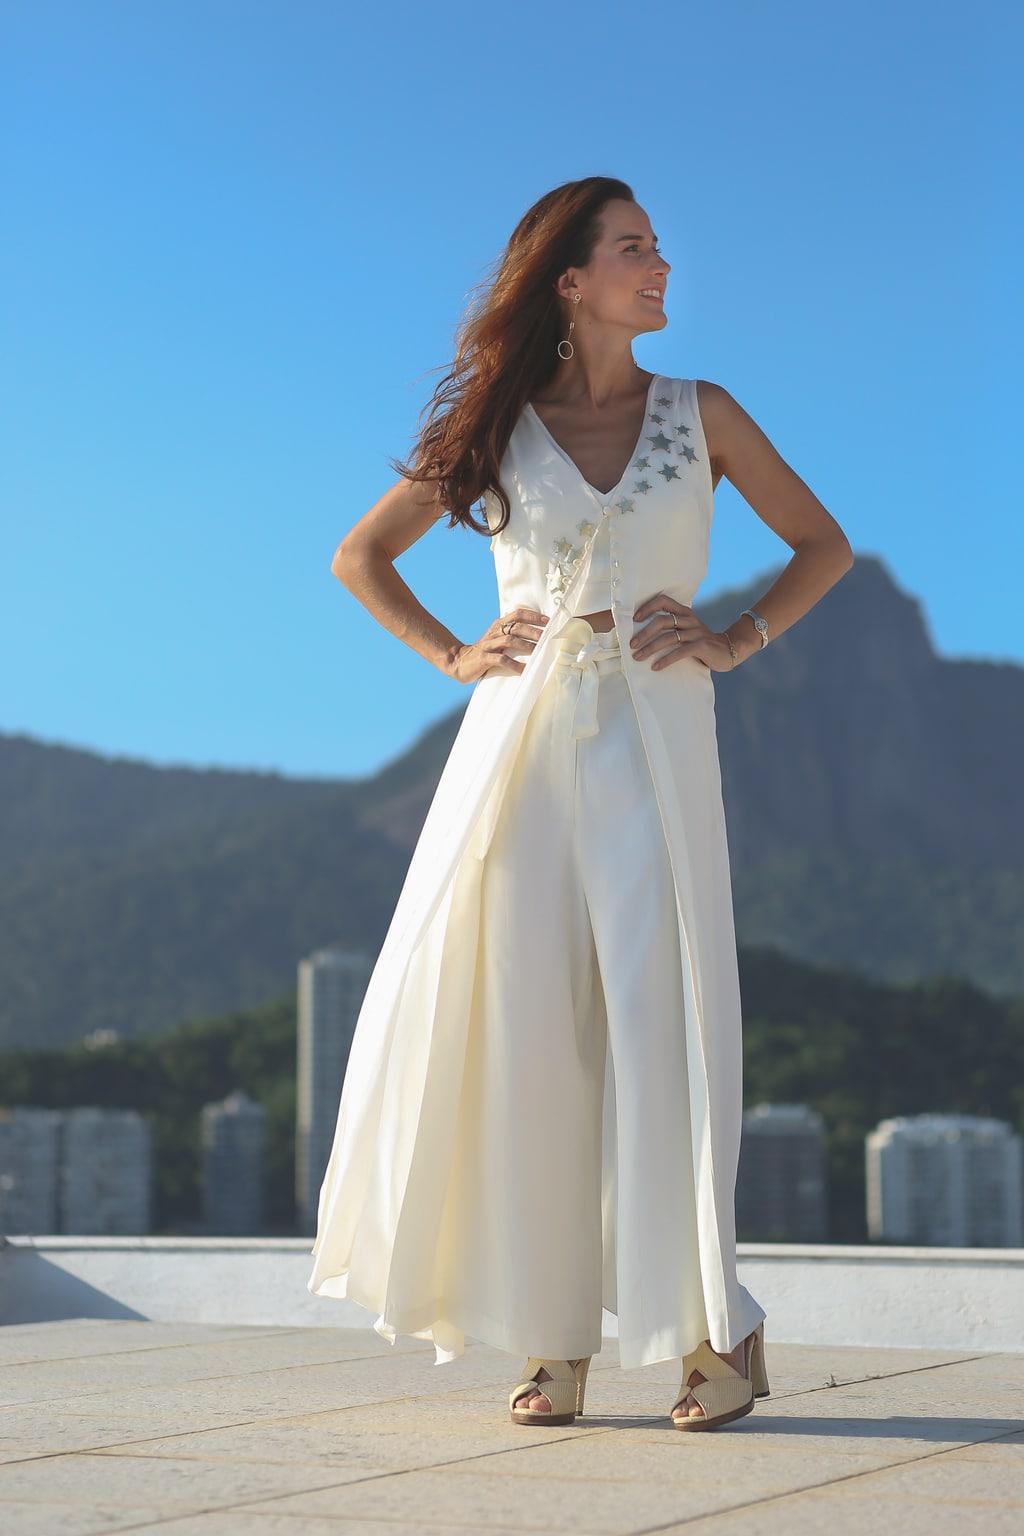 vestidos-ano-novo-reveillon-vestido-de-festa-julia-golldenzon-12